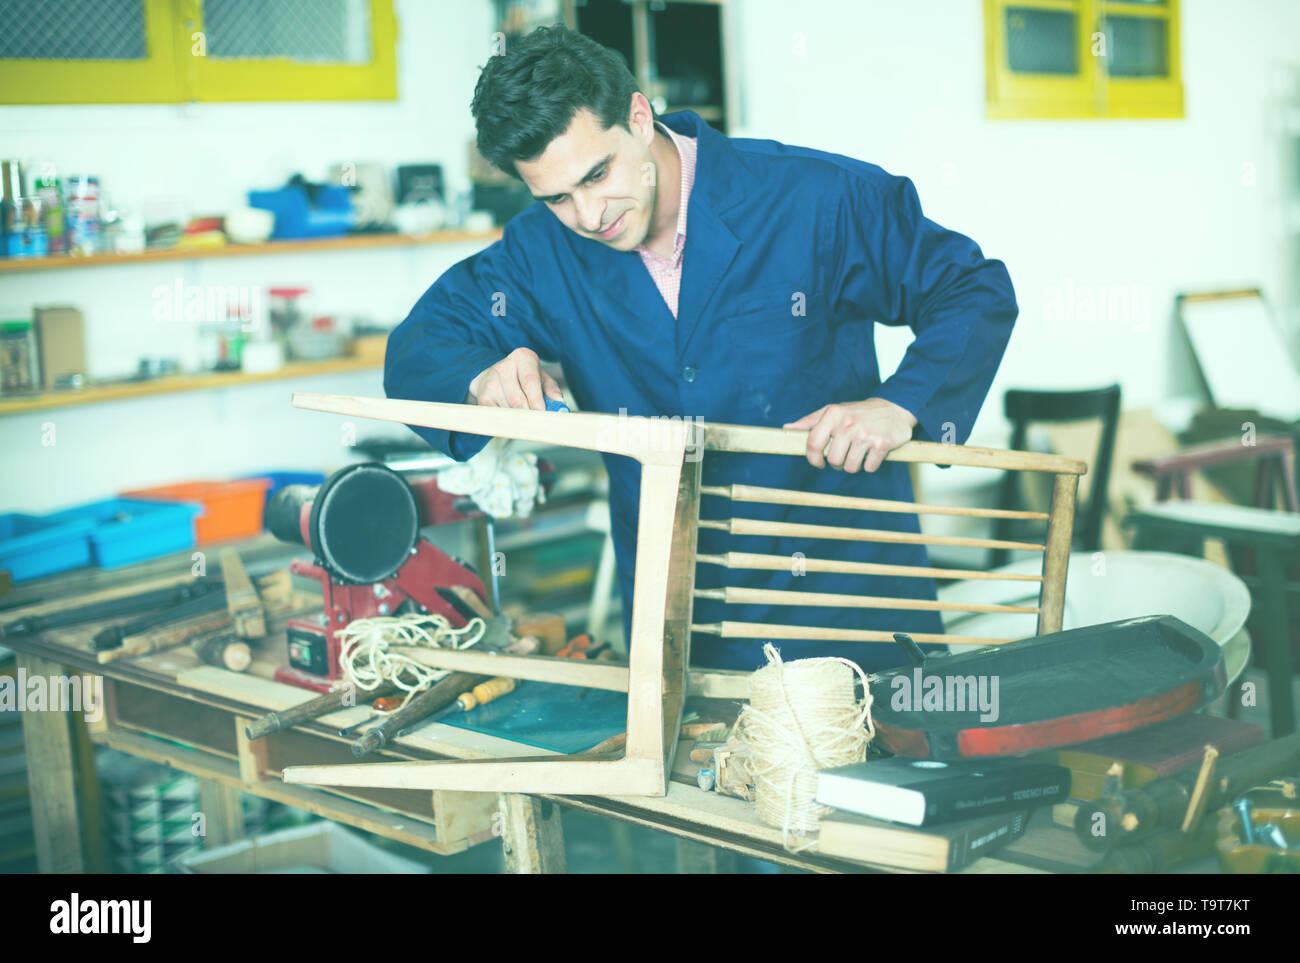 Carpenter working in repair studio and repairing broken wooden furniture - Stock Image